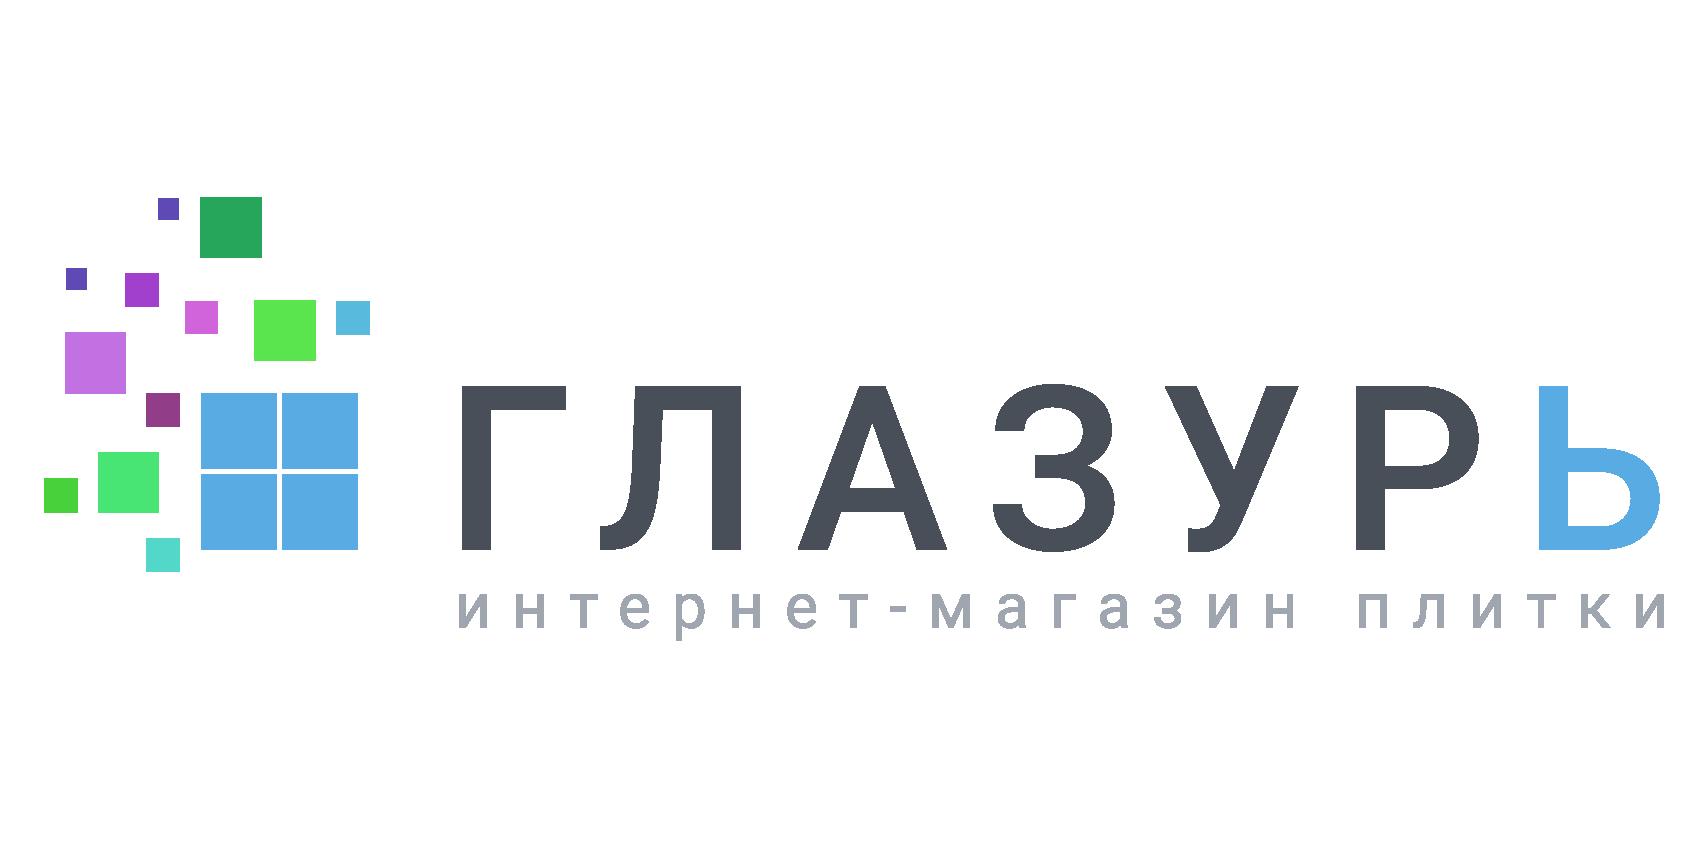 Глазур інтернет магазин плитки